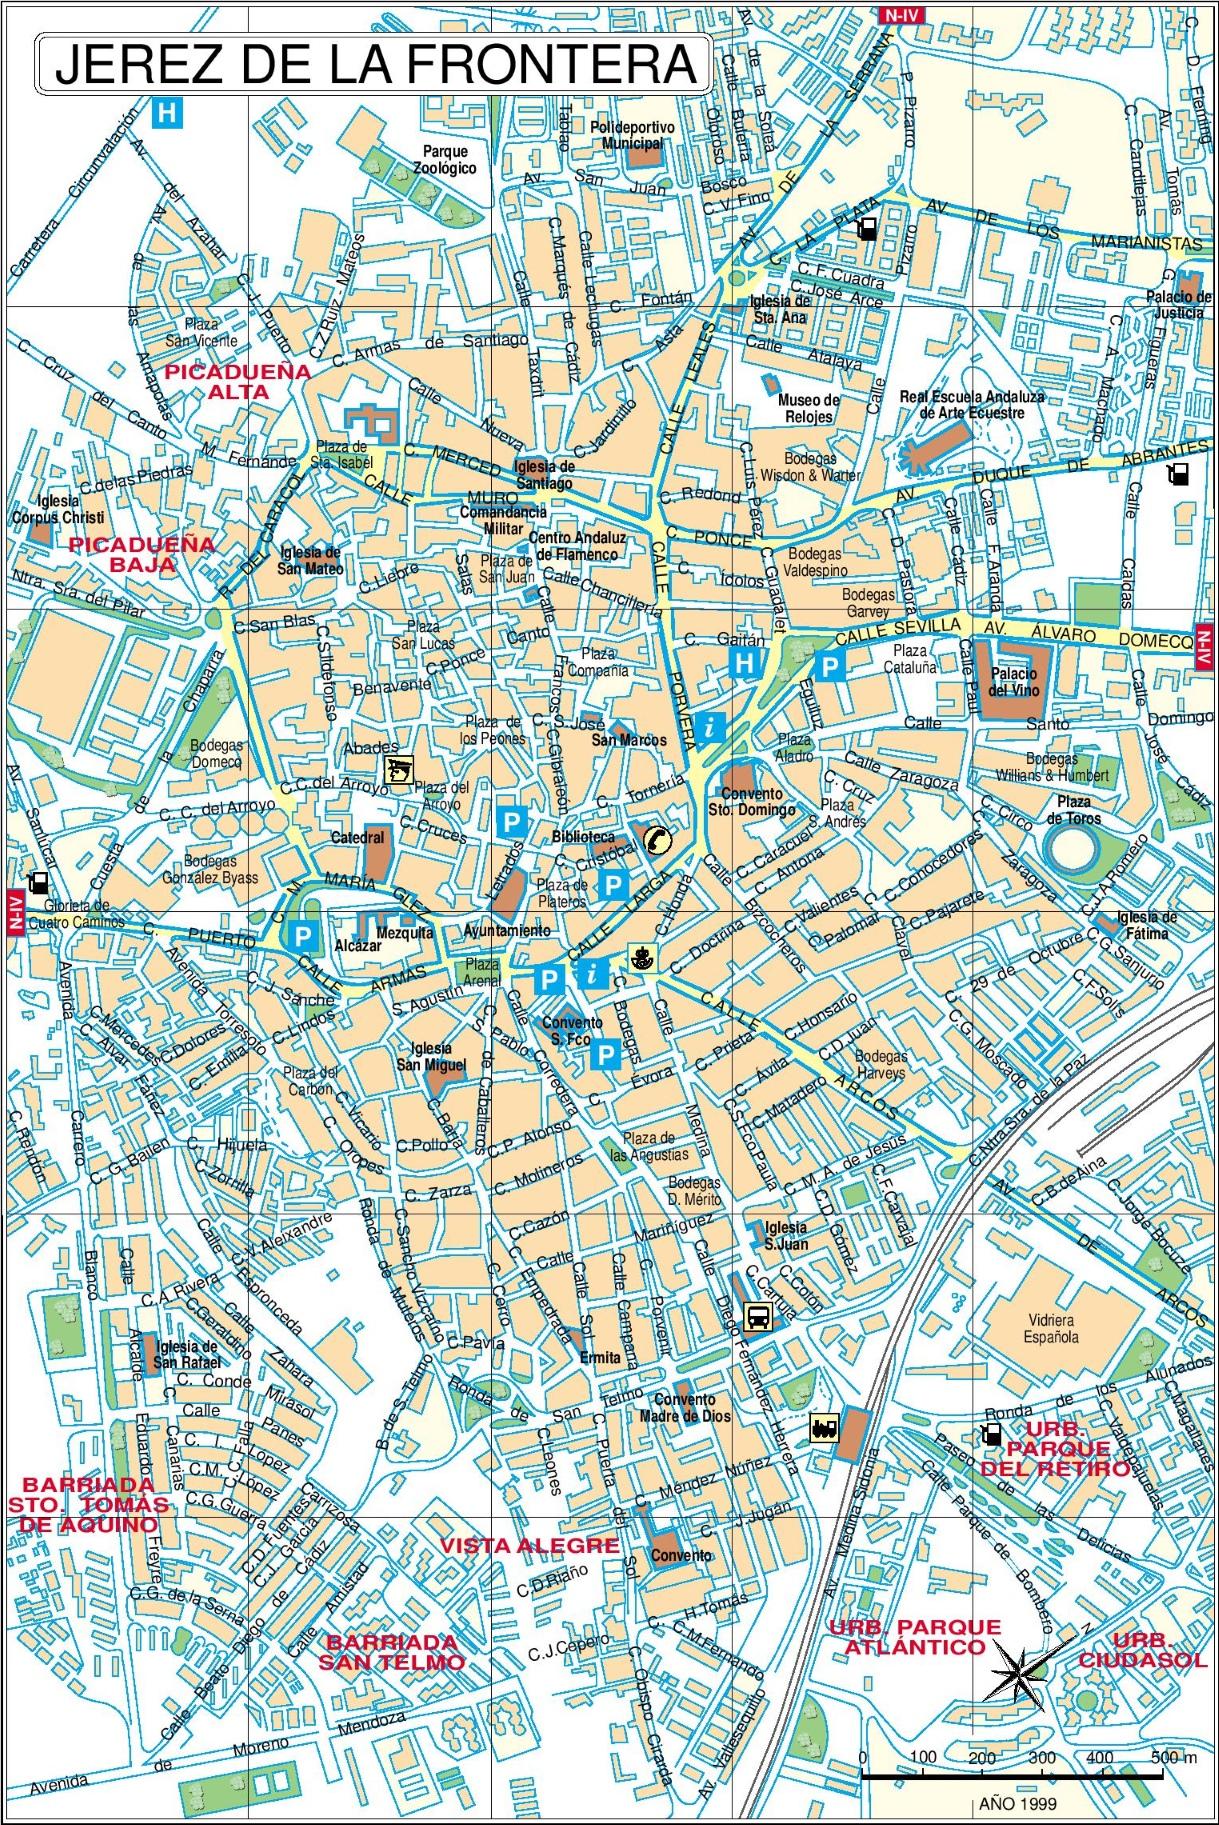 Jerez de la Frontera city center map